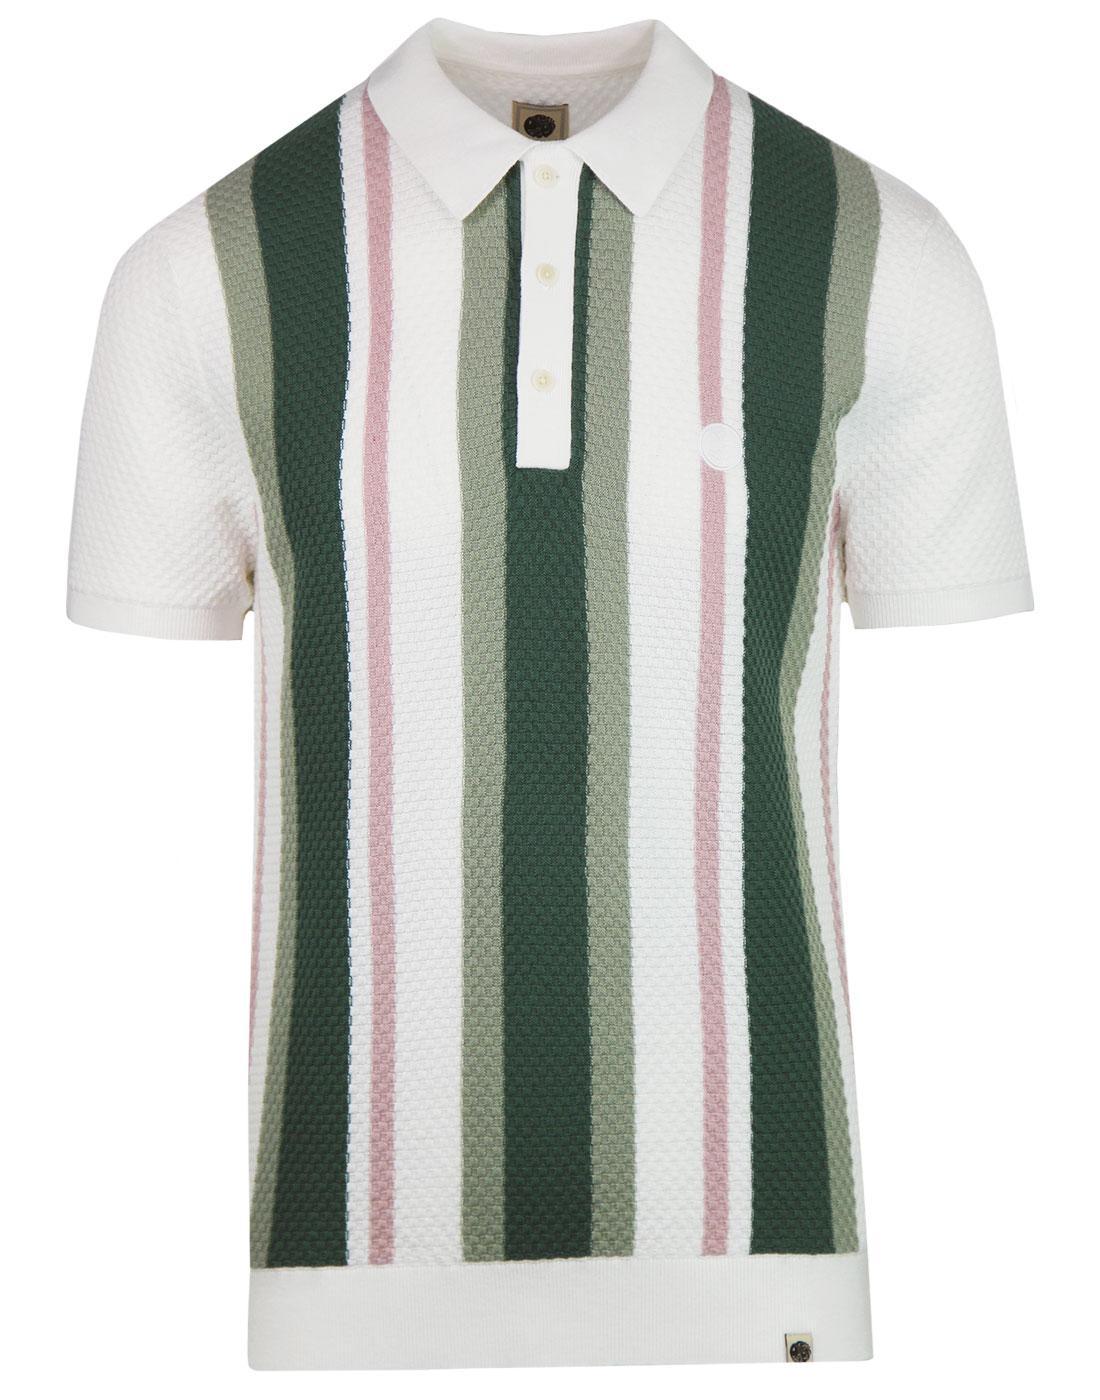 PRETTY GREEN 60s Mod Waffle Stripe Knit Polo WHITE